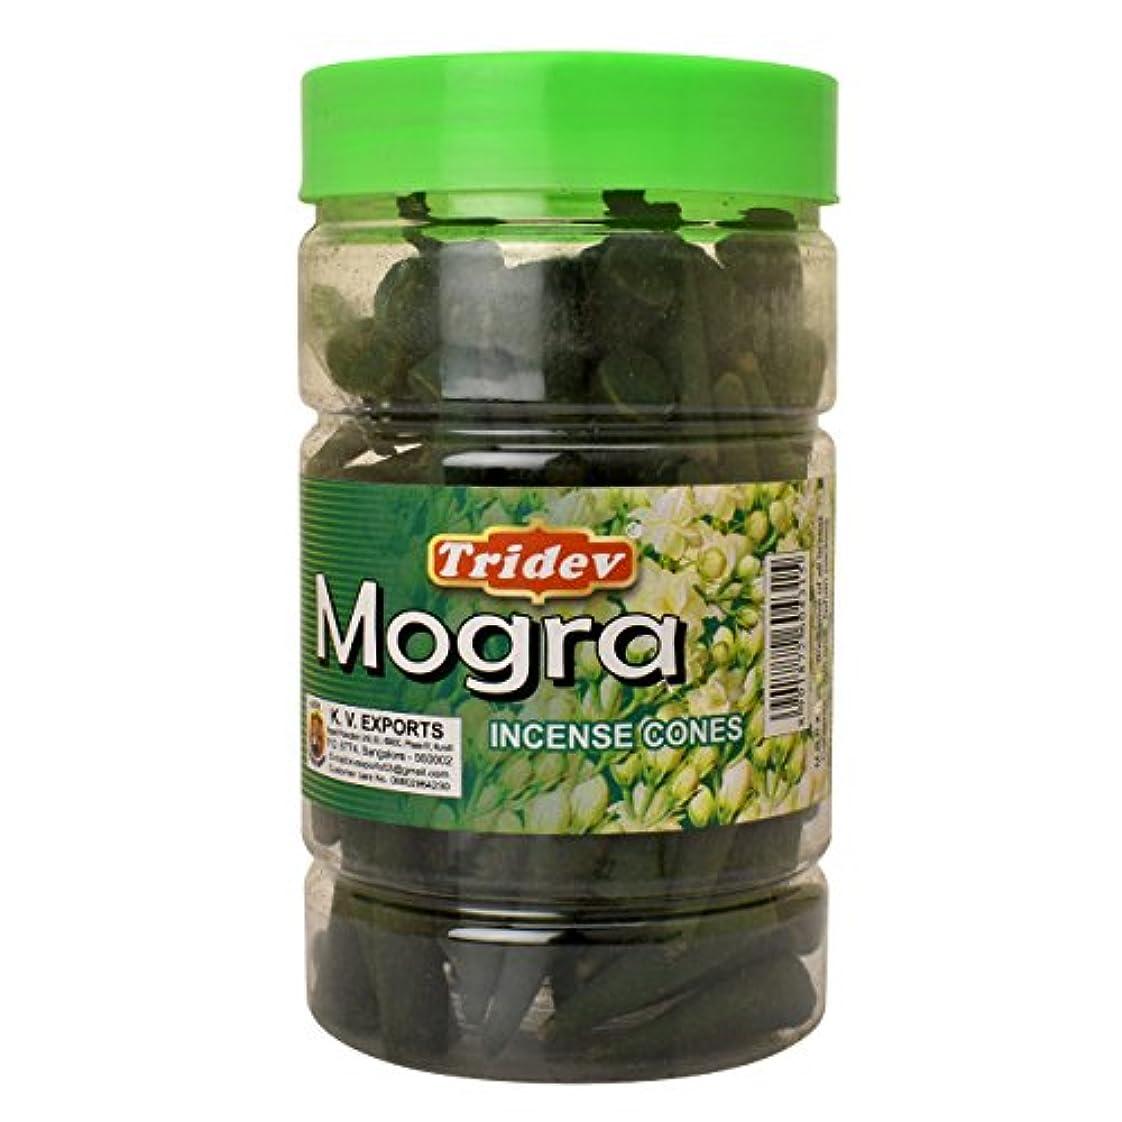 注目すべきカウンターパートしないTridev Mogra Incense Cones Jar 225グラムパック